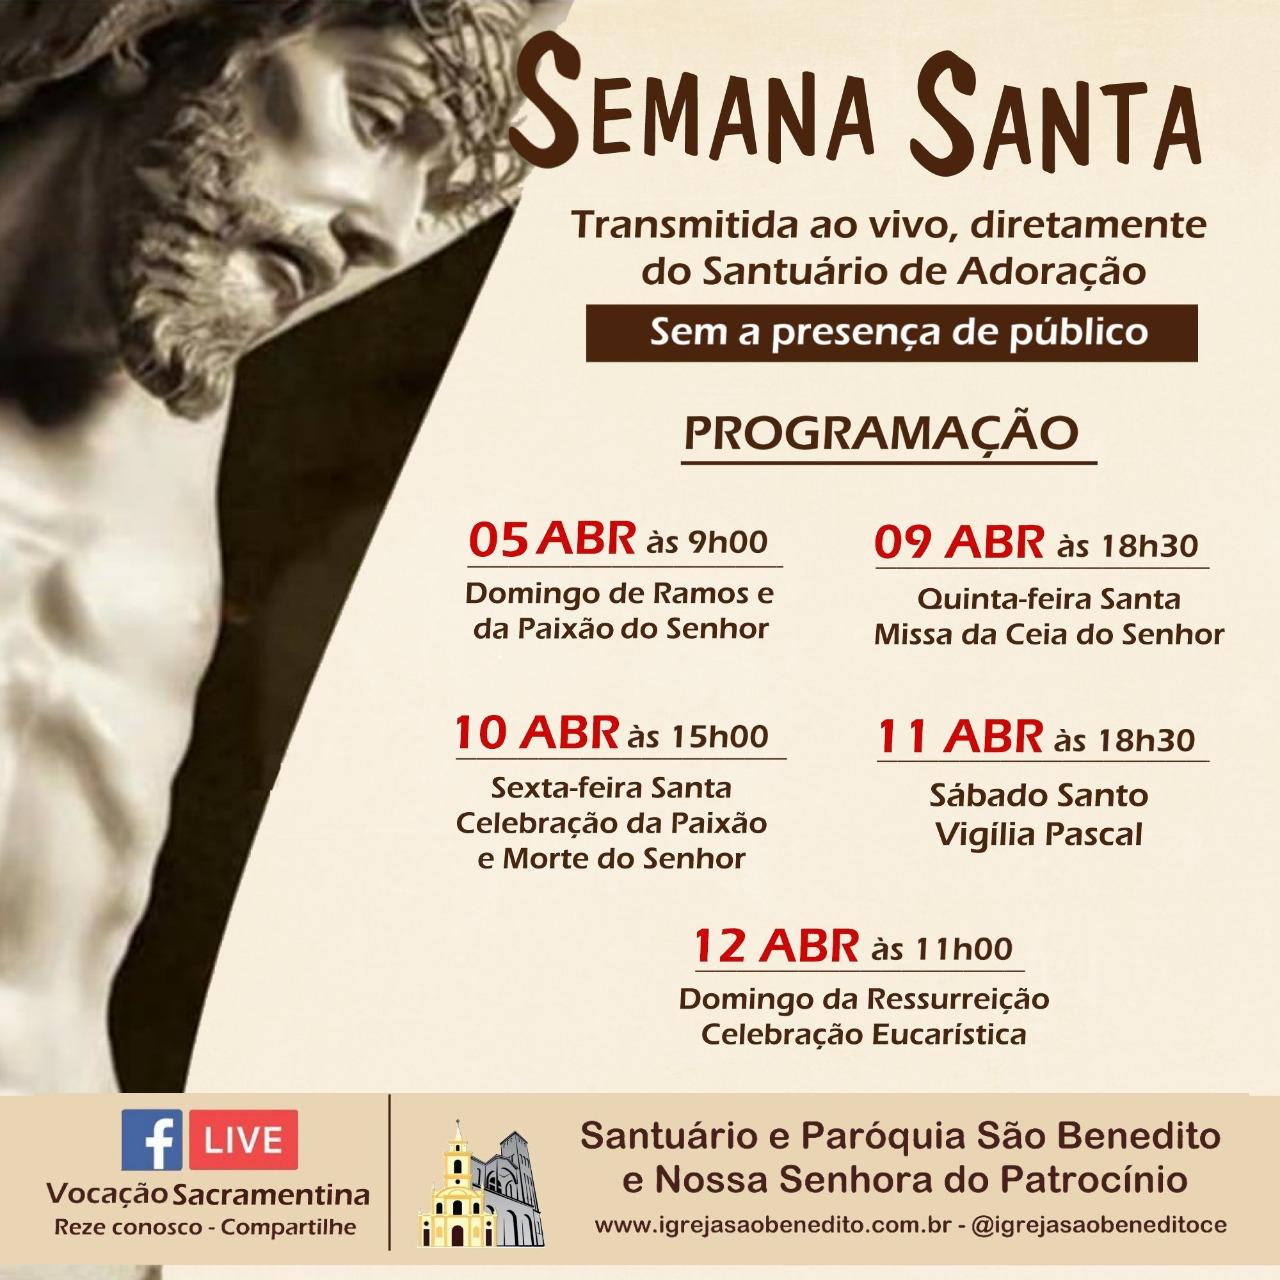 Programação da Semana Santa 2020 transmitida do Santuário e Paróquia de São Benedito